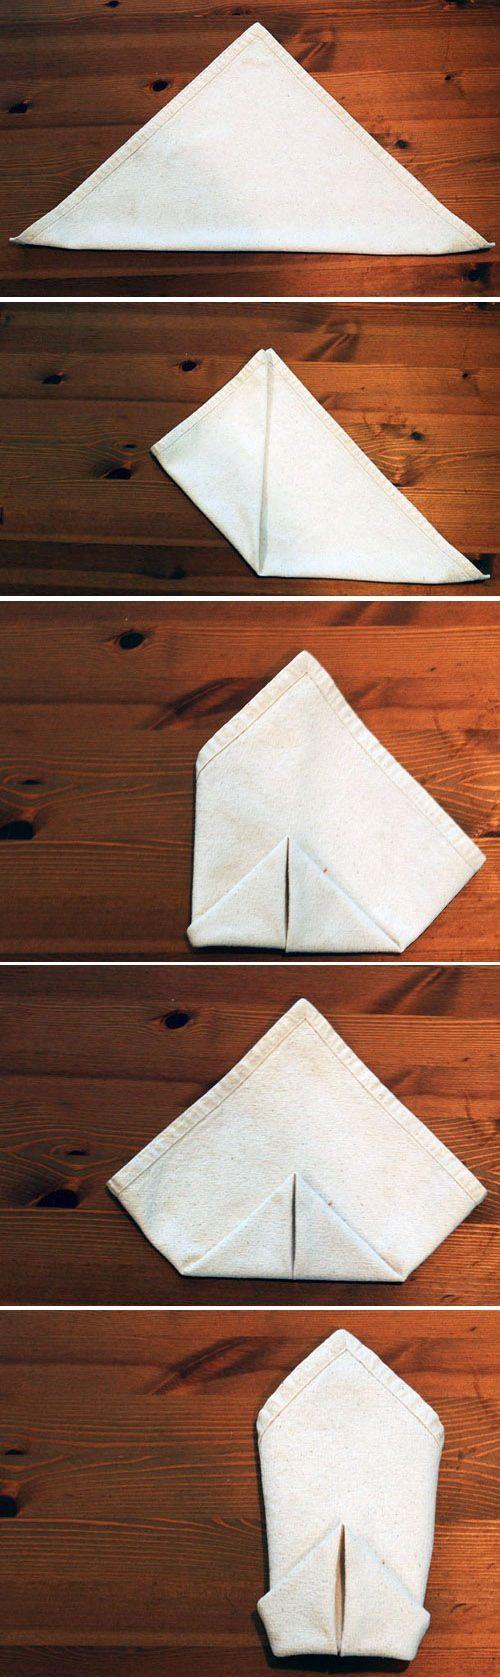 Napkin Folding Techniques | 食卓をリッチな雰囲気にしてくれるク... #tischeindecken